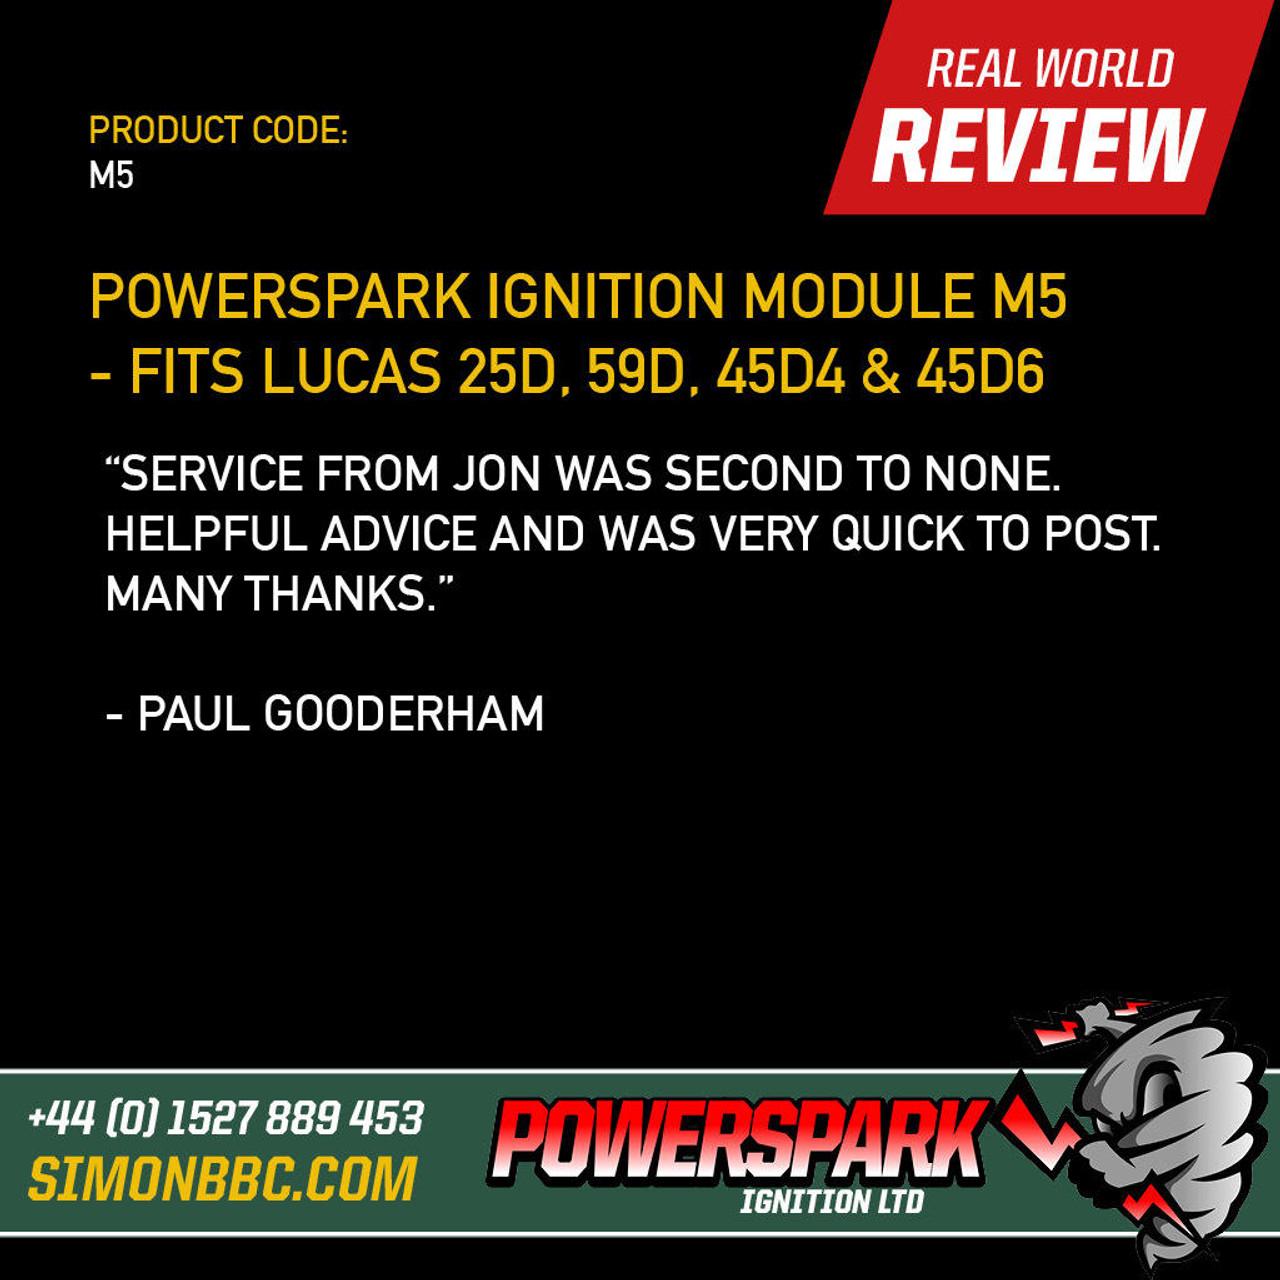 Powerspark Ignition Module M5 - Fits Lucas 25D, 59D, 45D4 and 45D6 Distributors